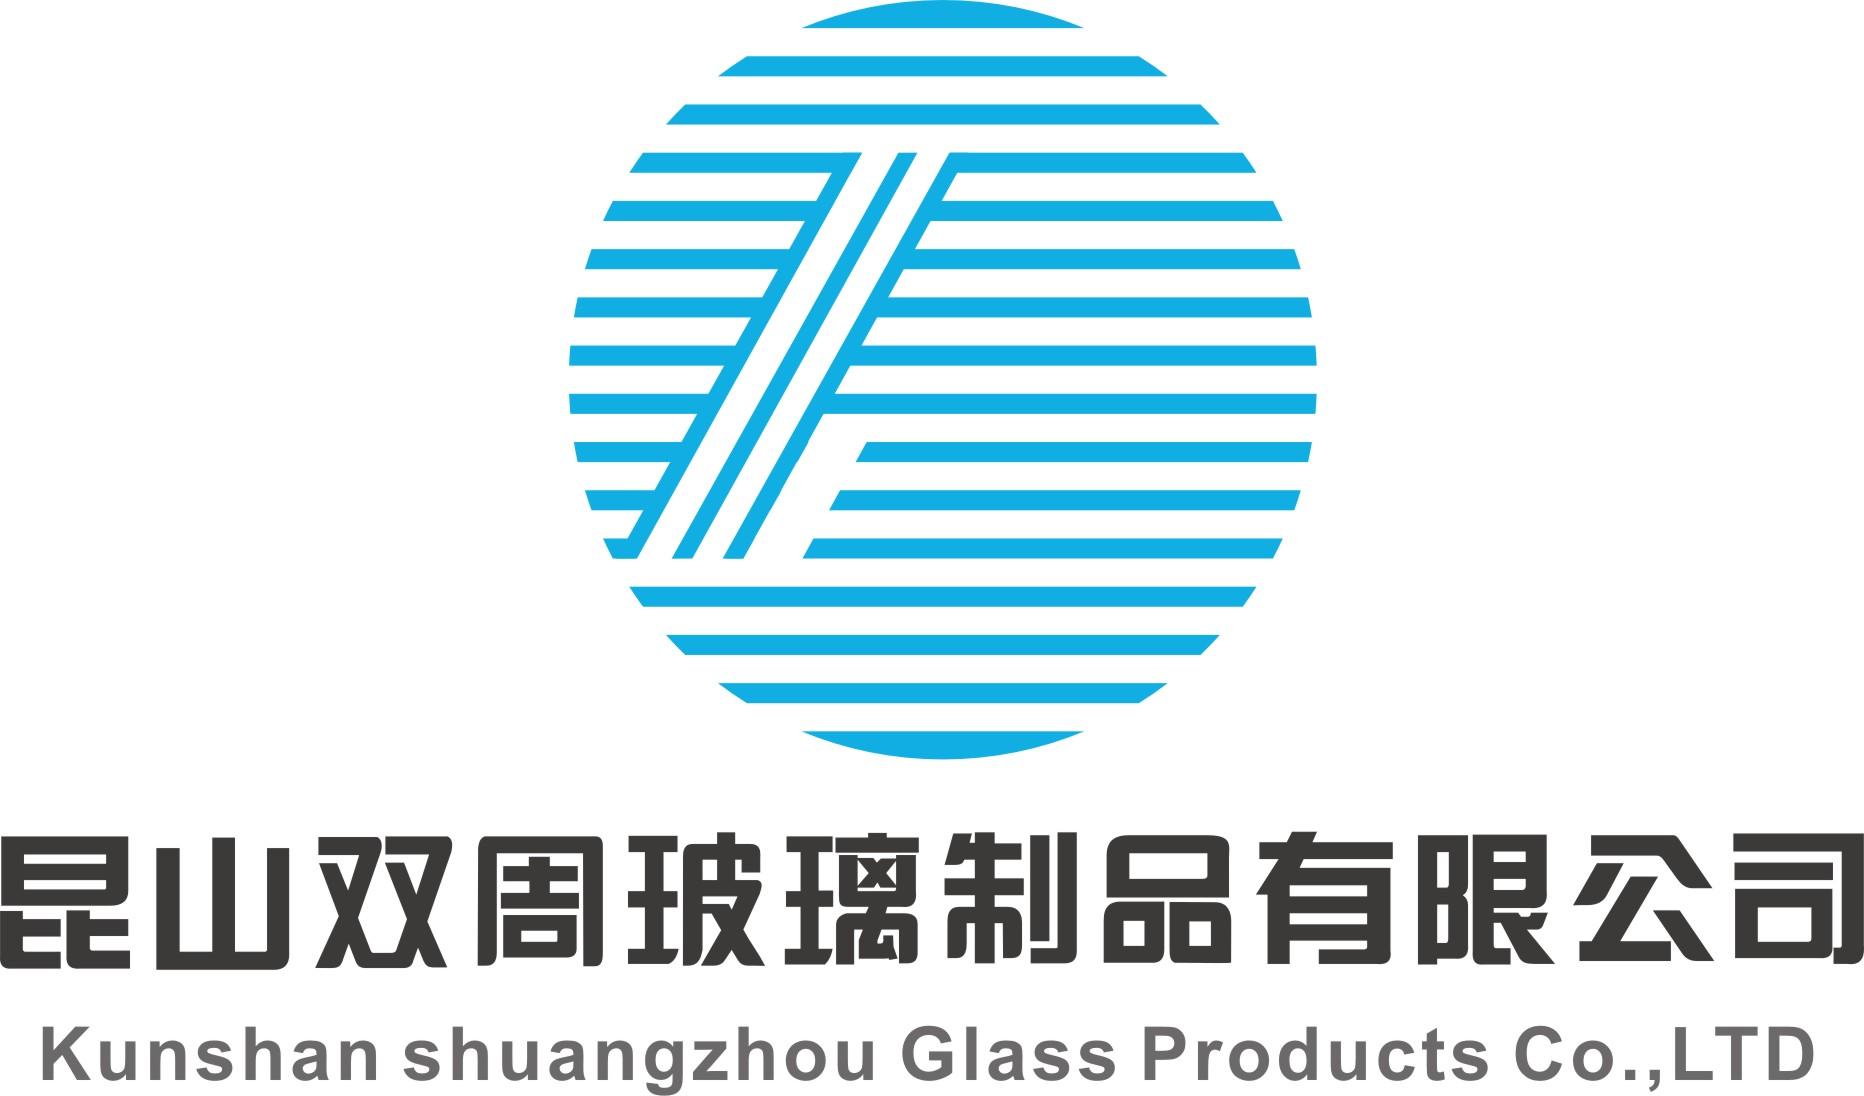 昆山双周玻璃制品有限公司